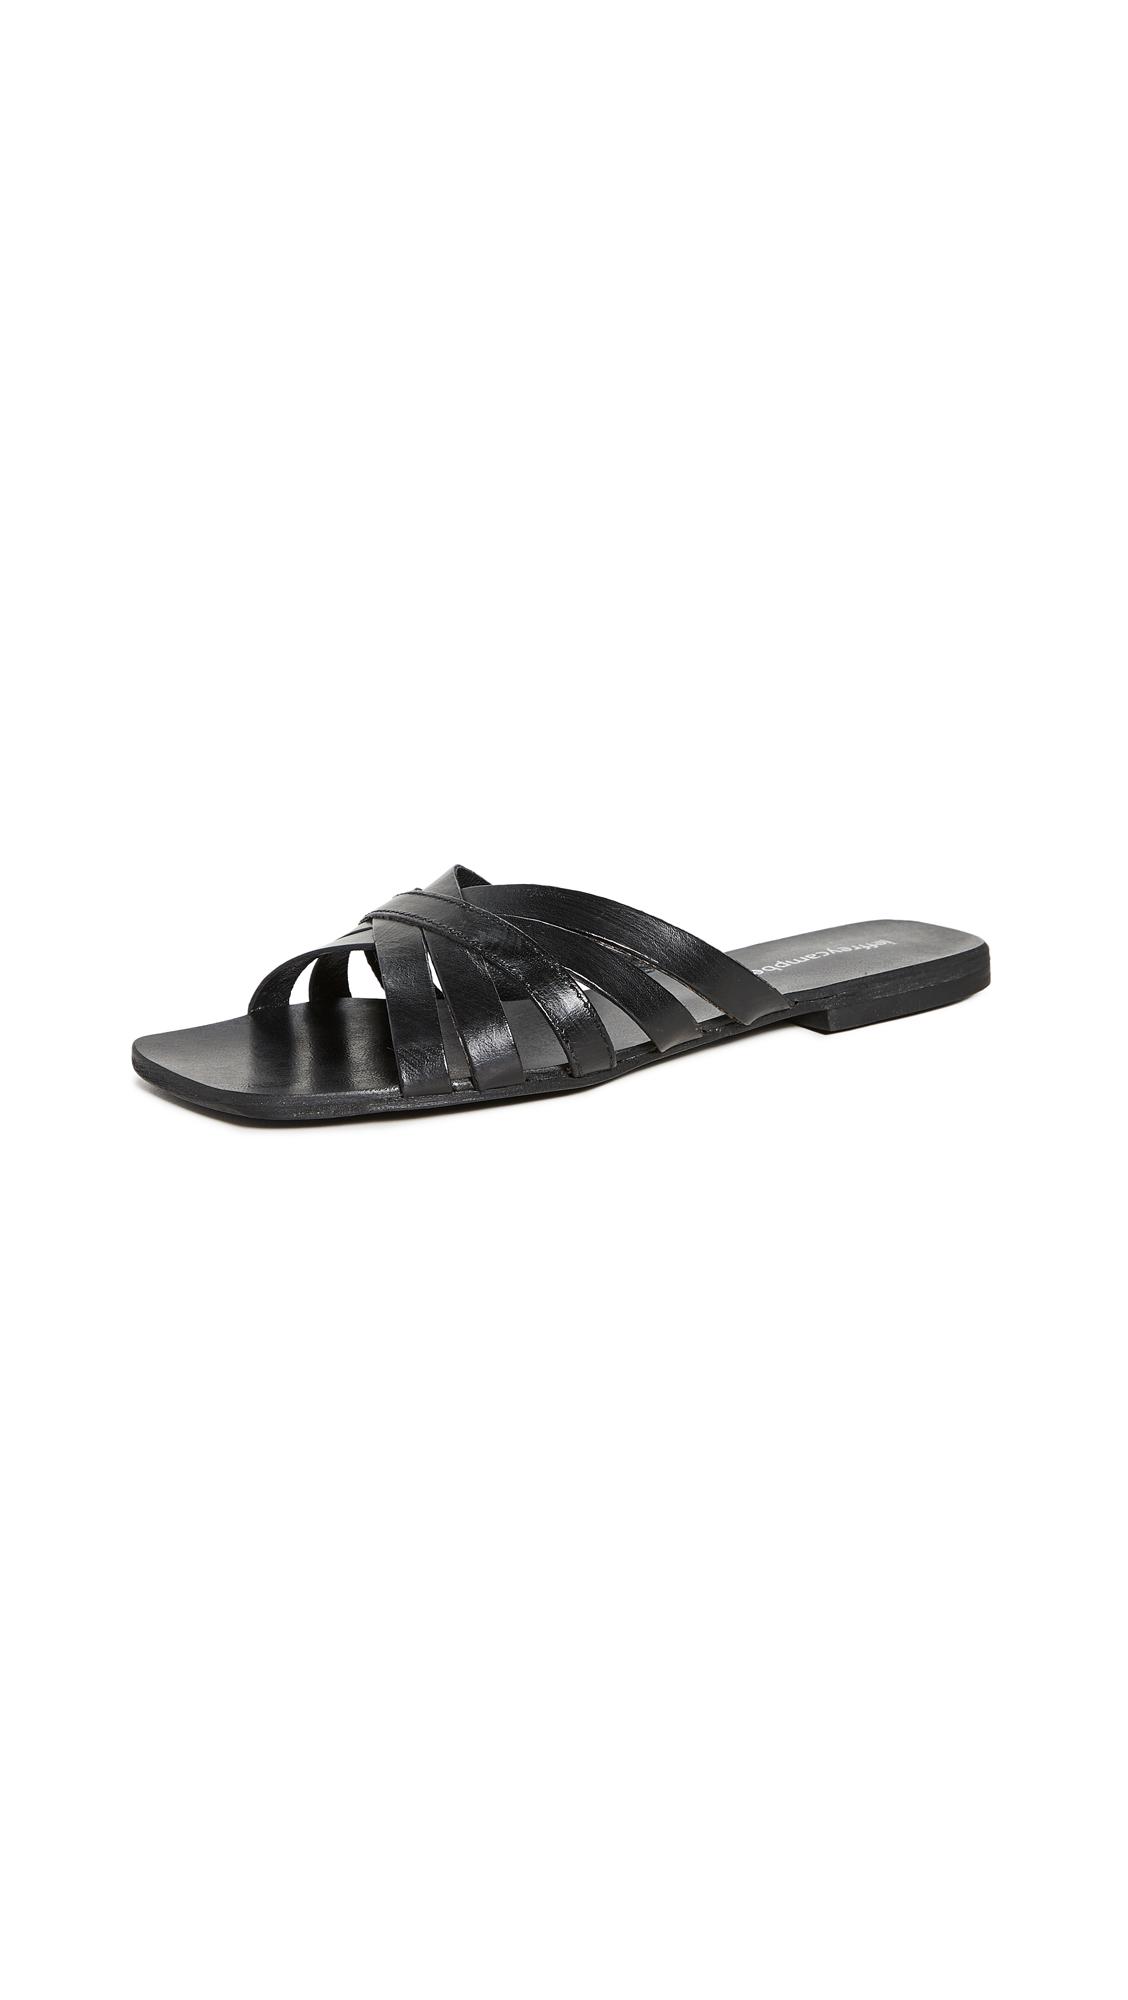 Jeffrey Campbell Amarra Sandals - 40% Off Sale